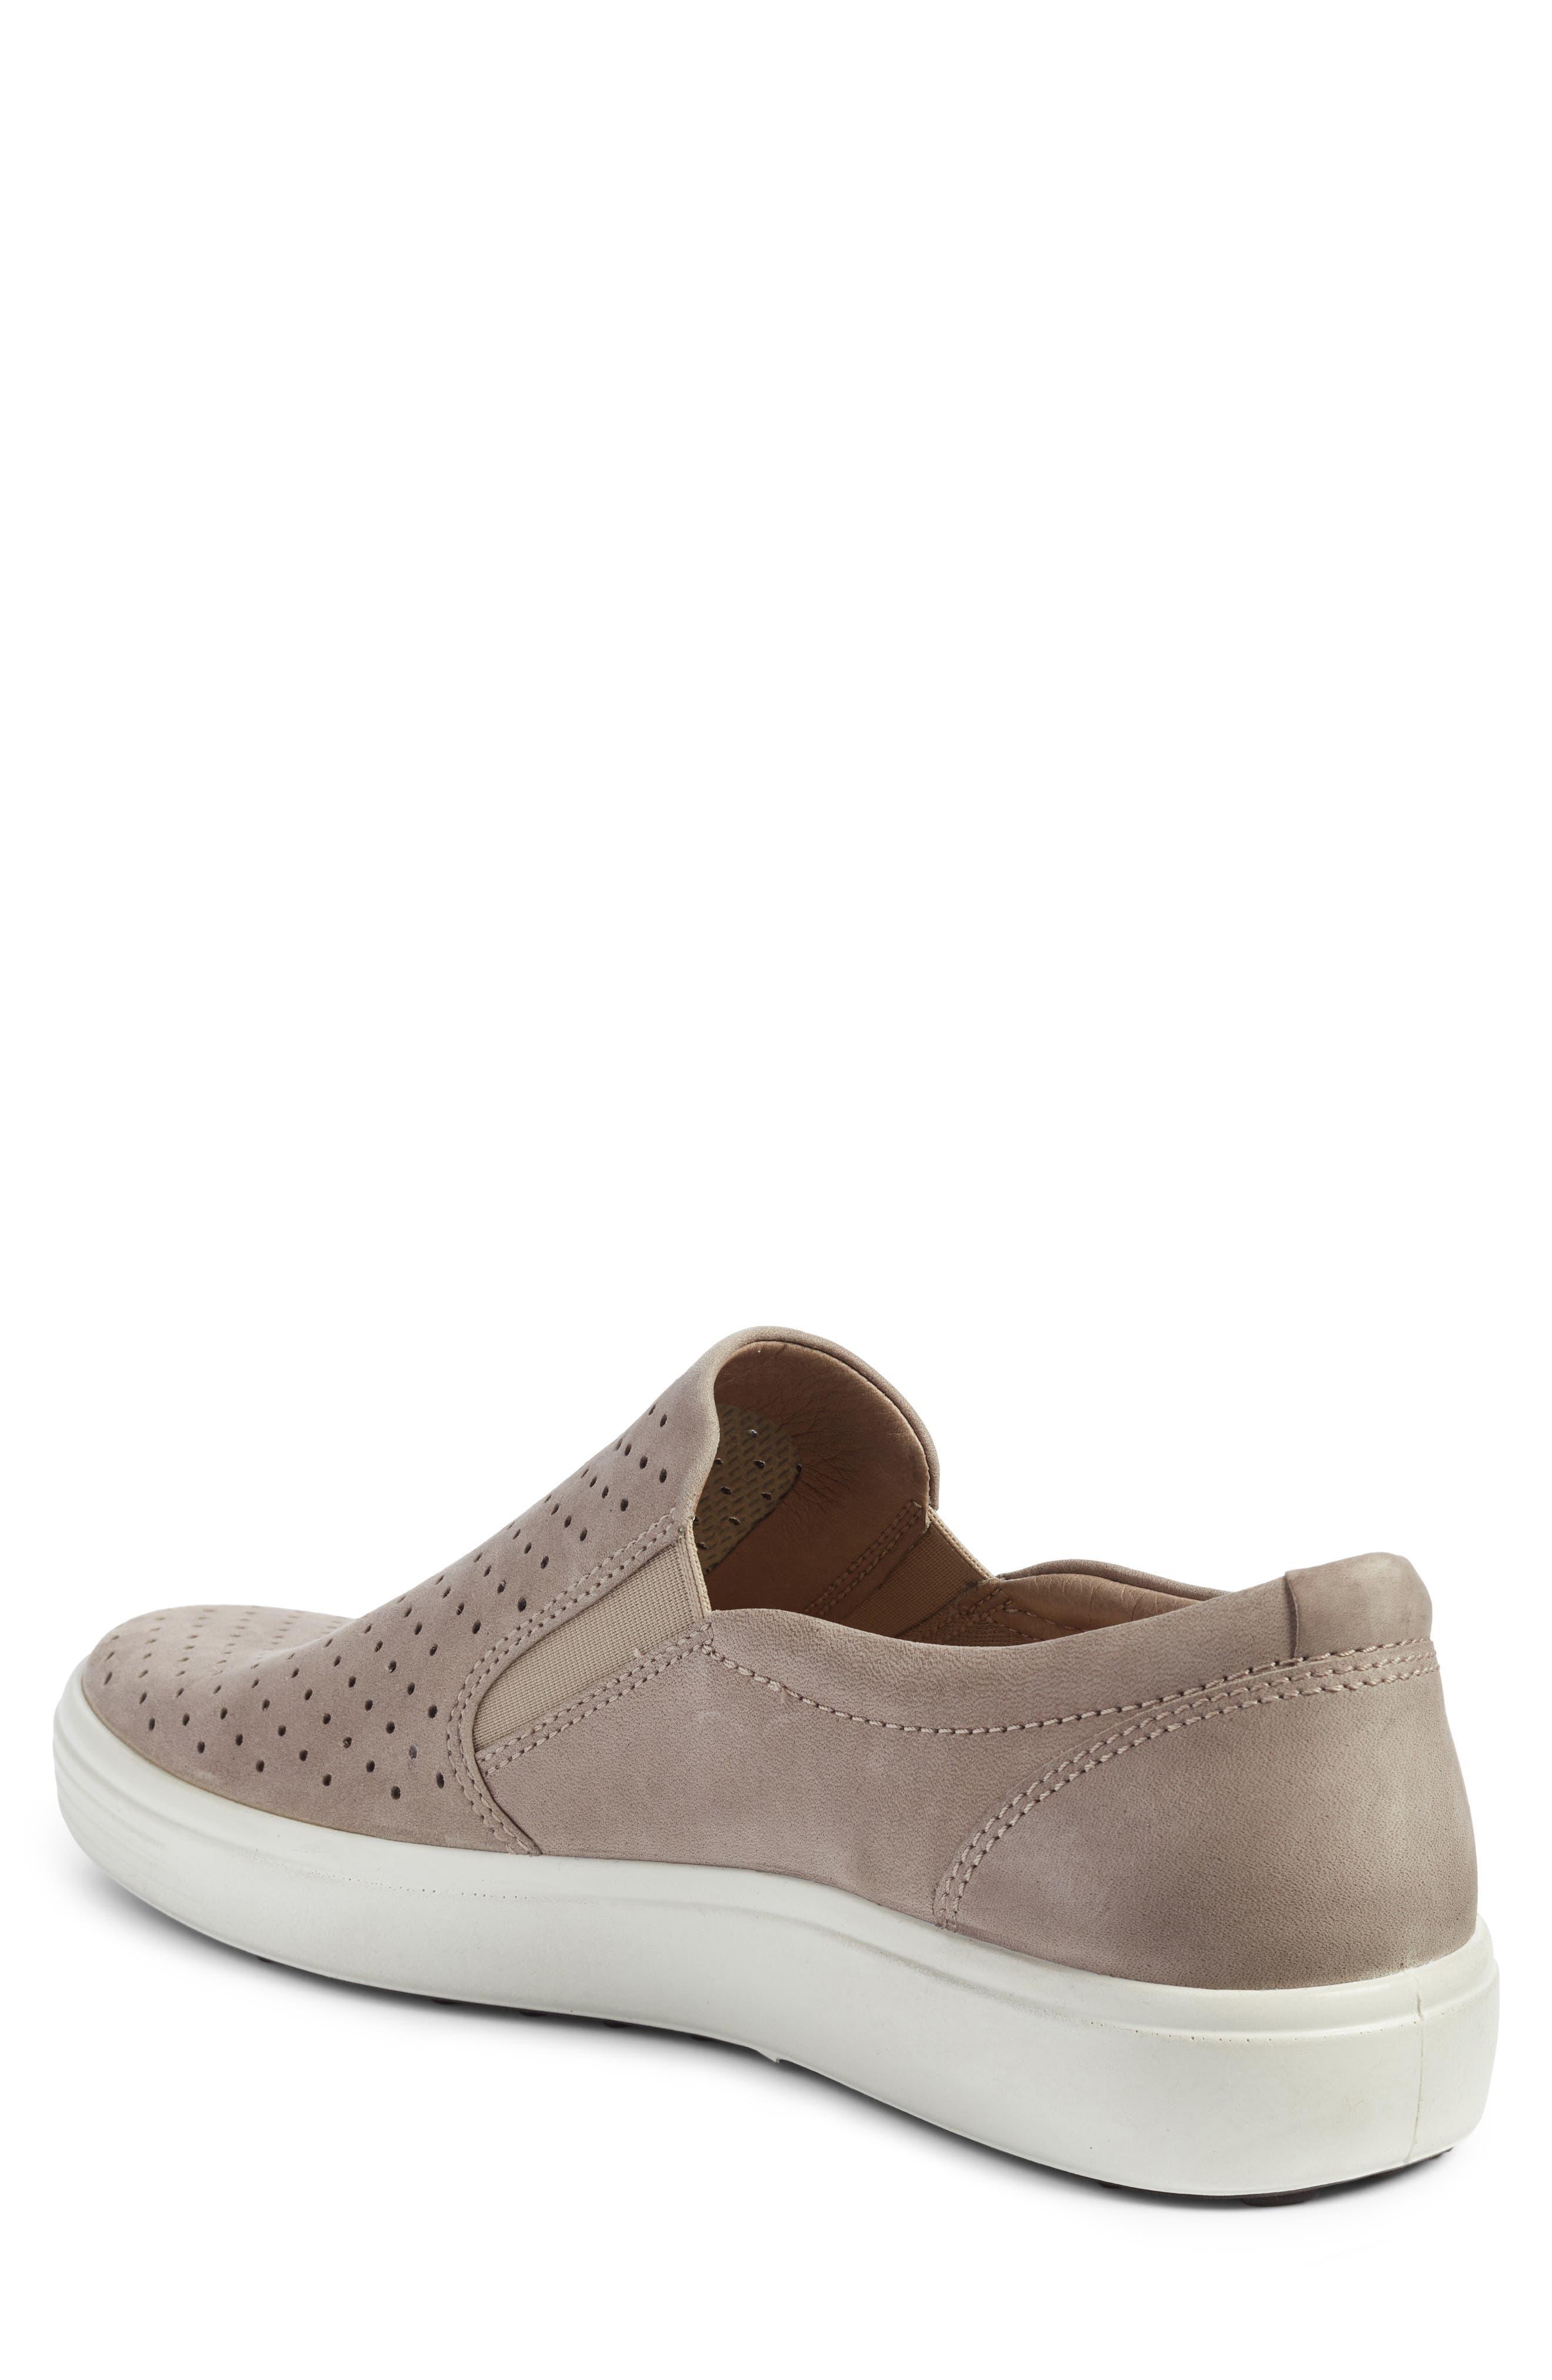 Soft 7 Retro Slip-On Sneaker,                             Alternate thumbnail 2, color,                             Moonrock Leather